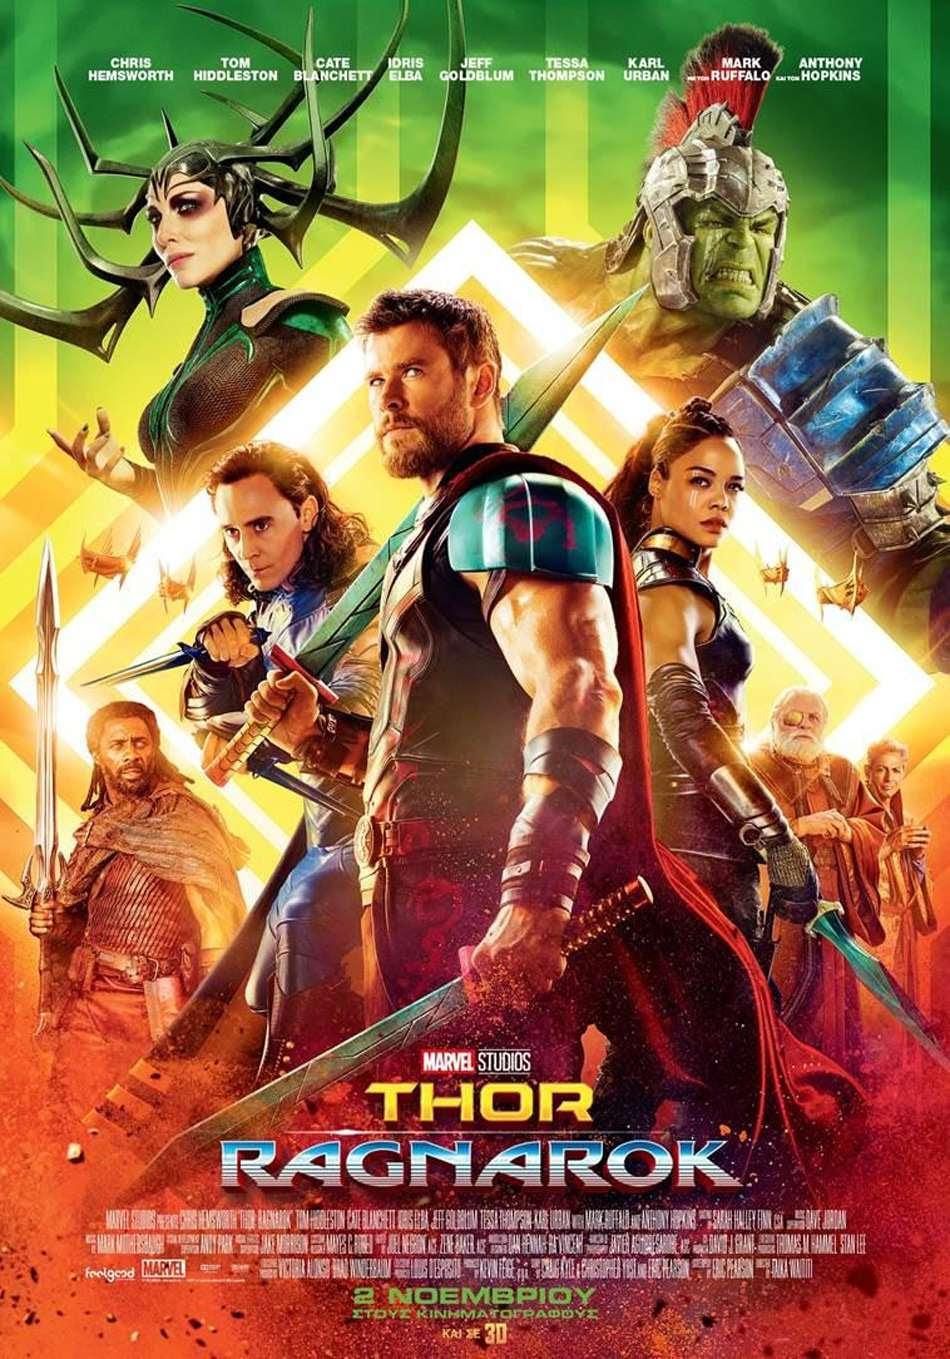 Thor: Ragnarök Poster Πόστερ